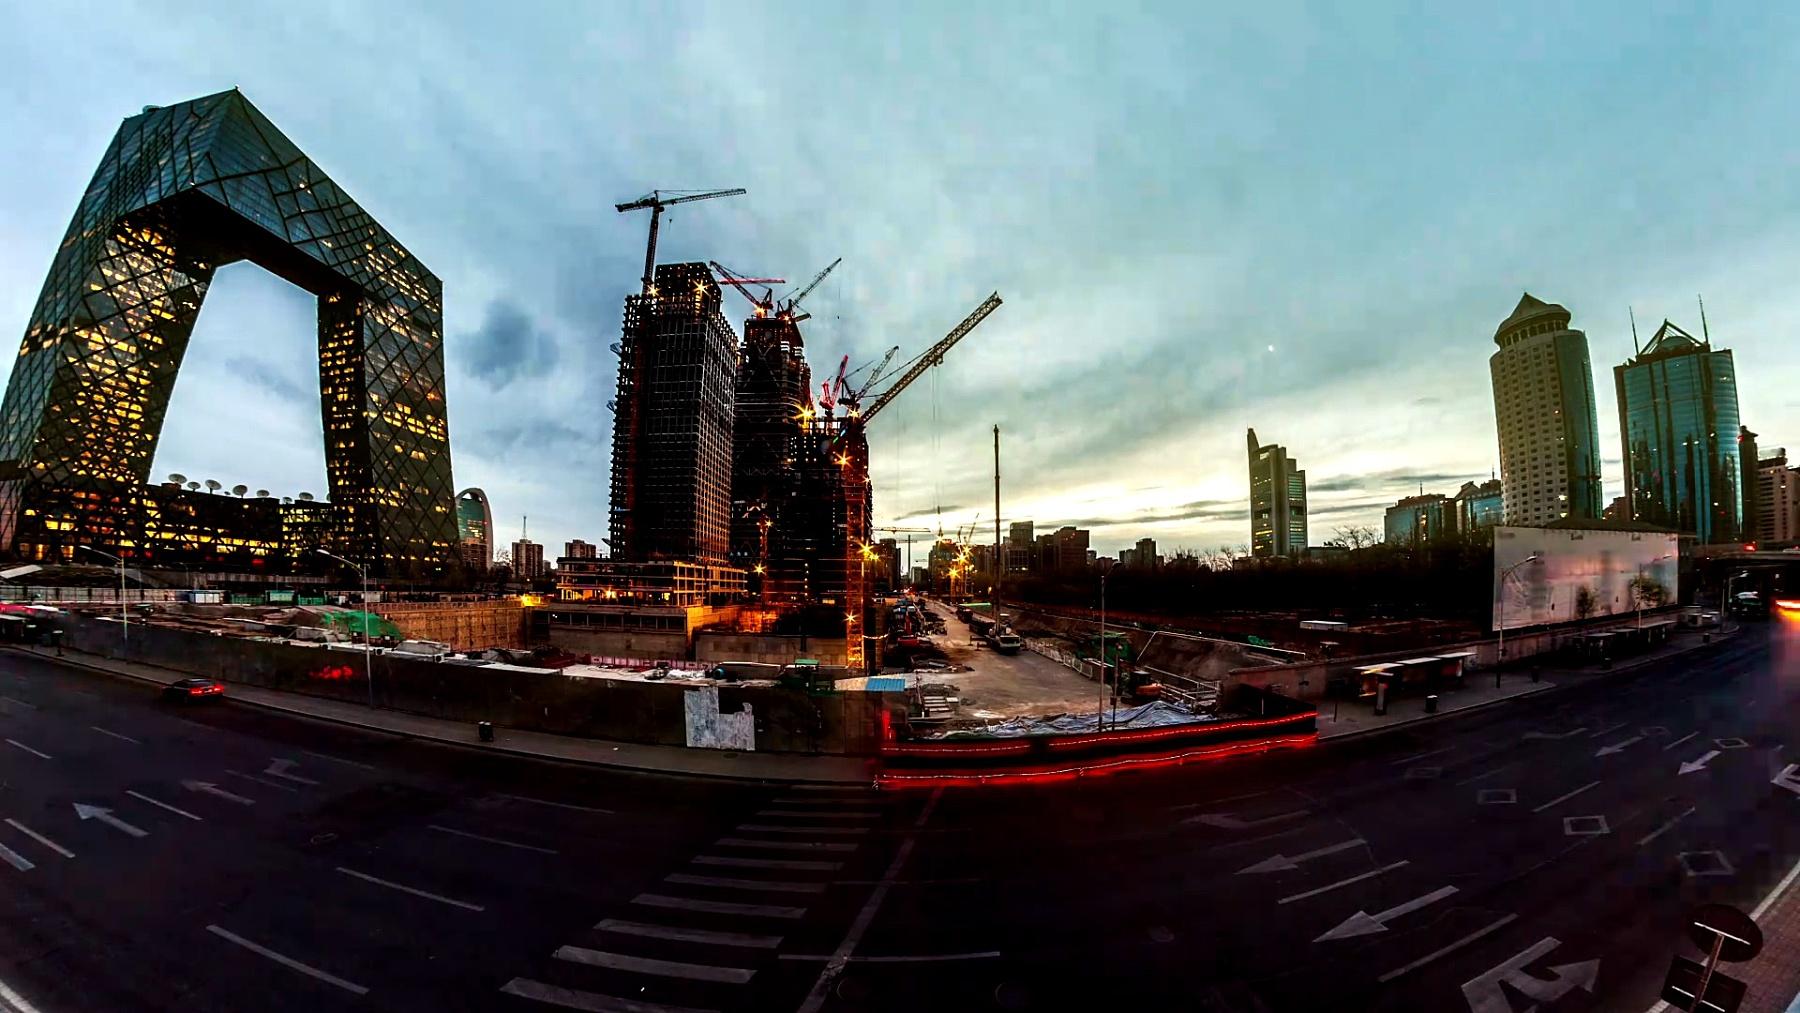 北京众多建筑工地之一。延时摄影。